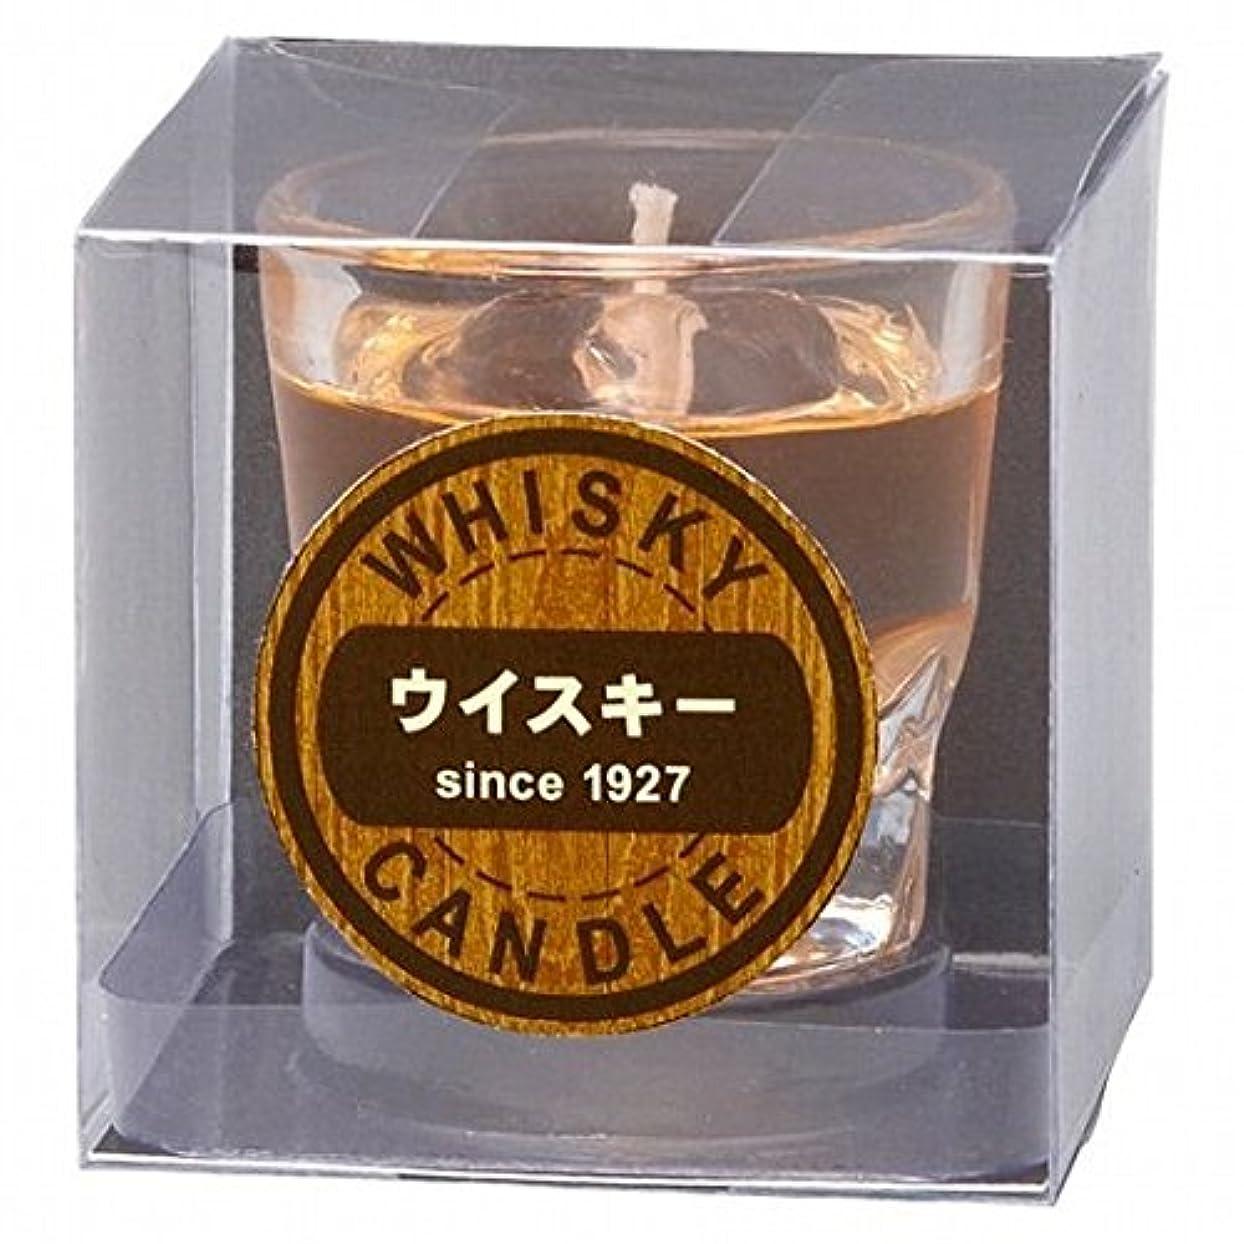 猛烈なシャンプースープkameyama candle(カメヤマキャンドル) ウイスキーロックキャンドル(86170000)